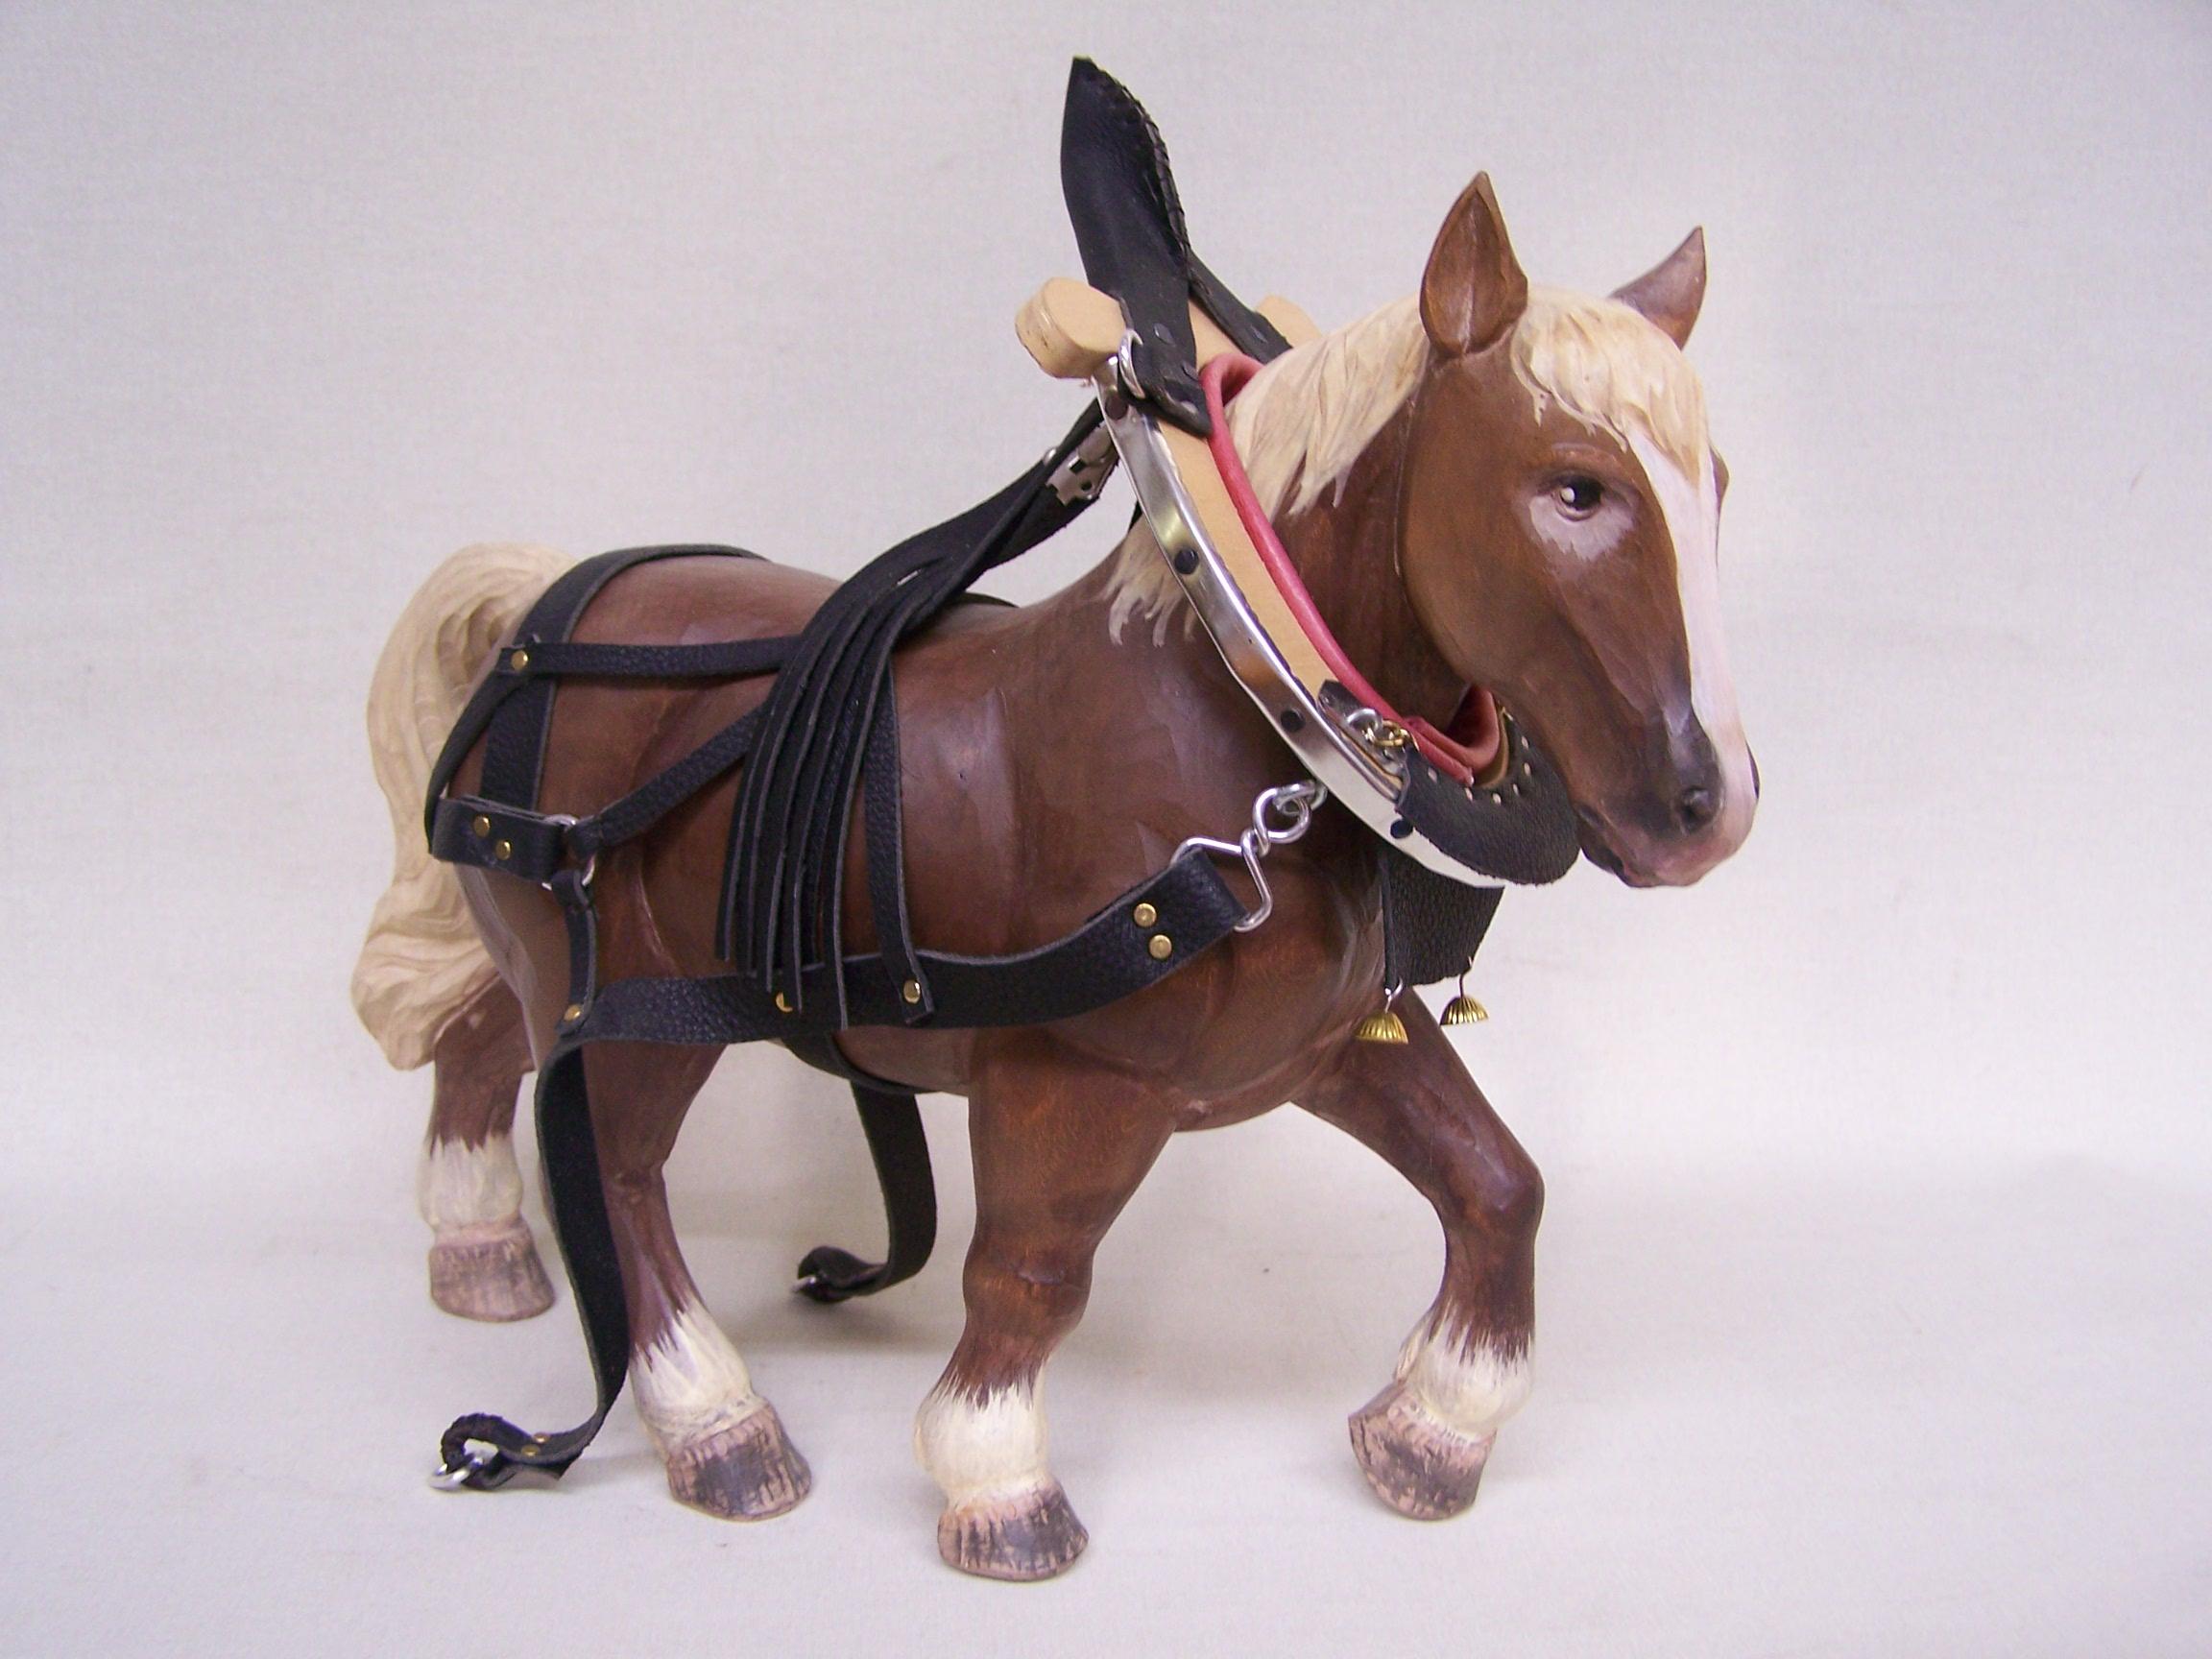 pferd gro mit festgeschirr herrgottschnitzer von bodenmais. Black Bedroom Furniture Sets. Home Design Ideas